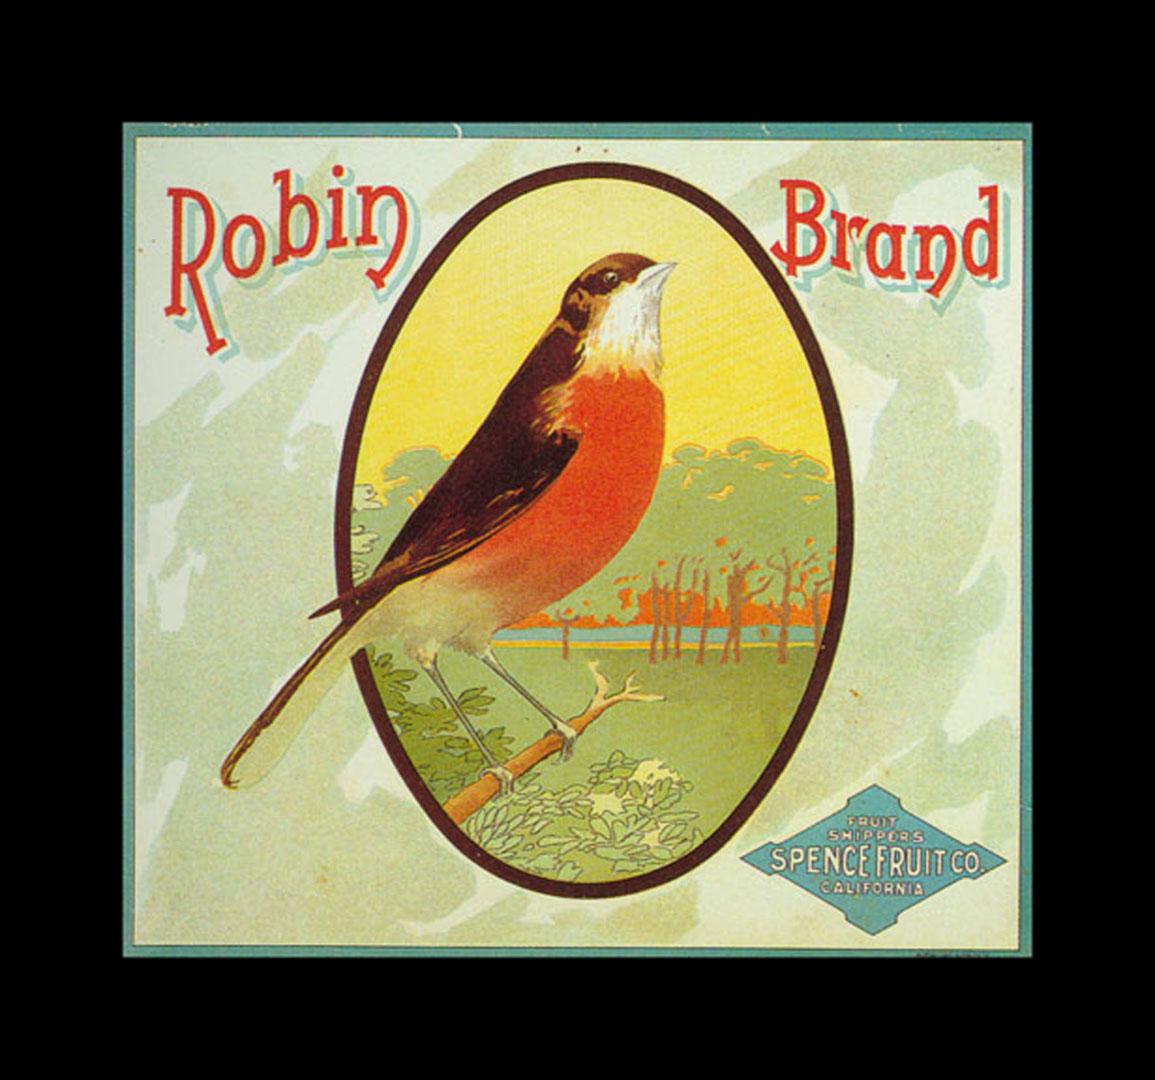 Robin Brand Oranges   Vintage Fruit Crate Labels Wallpaper Image 1155x1080